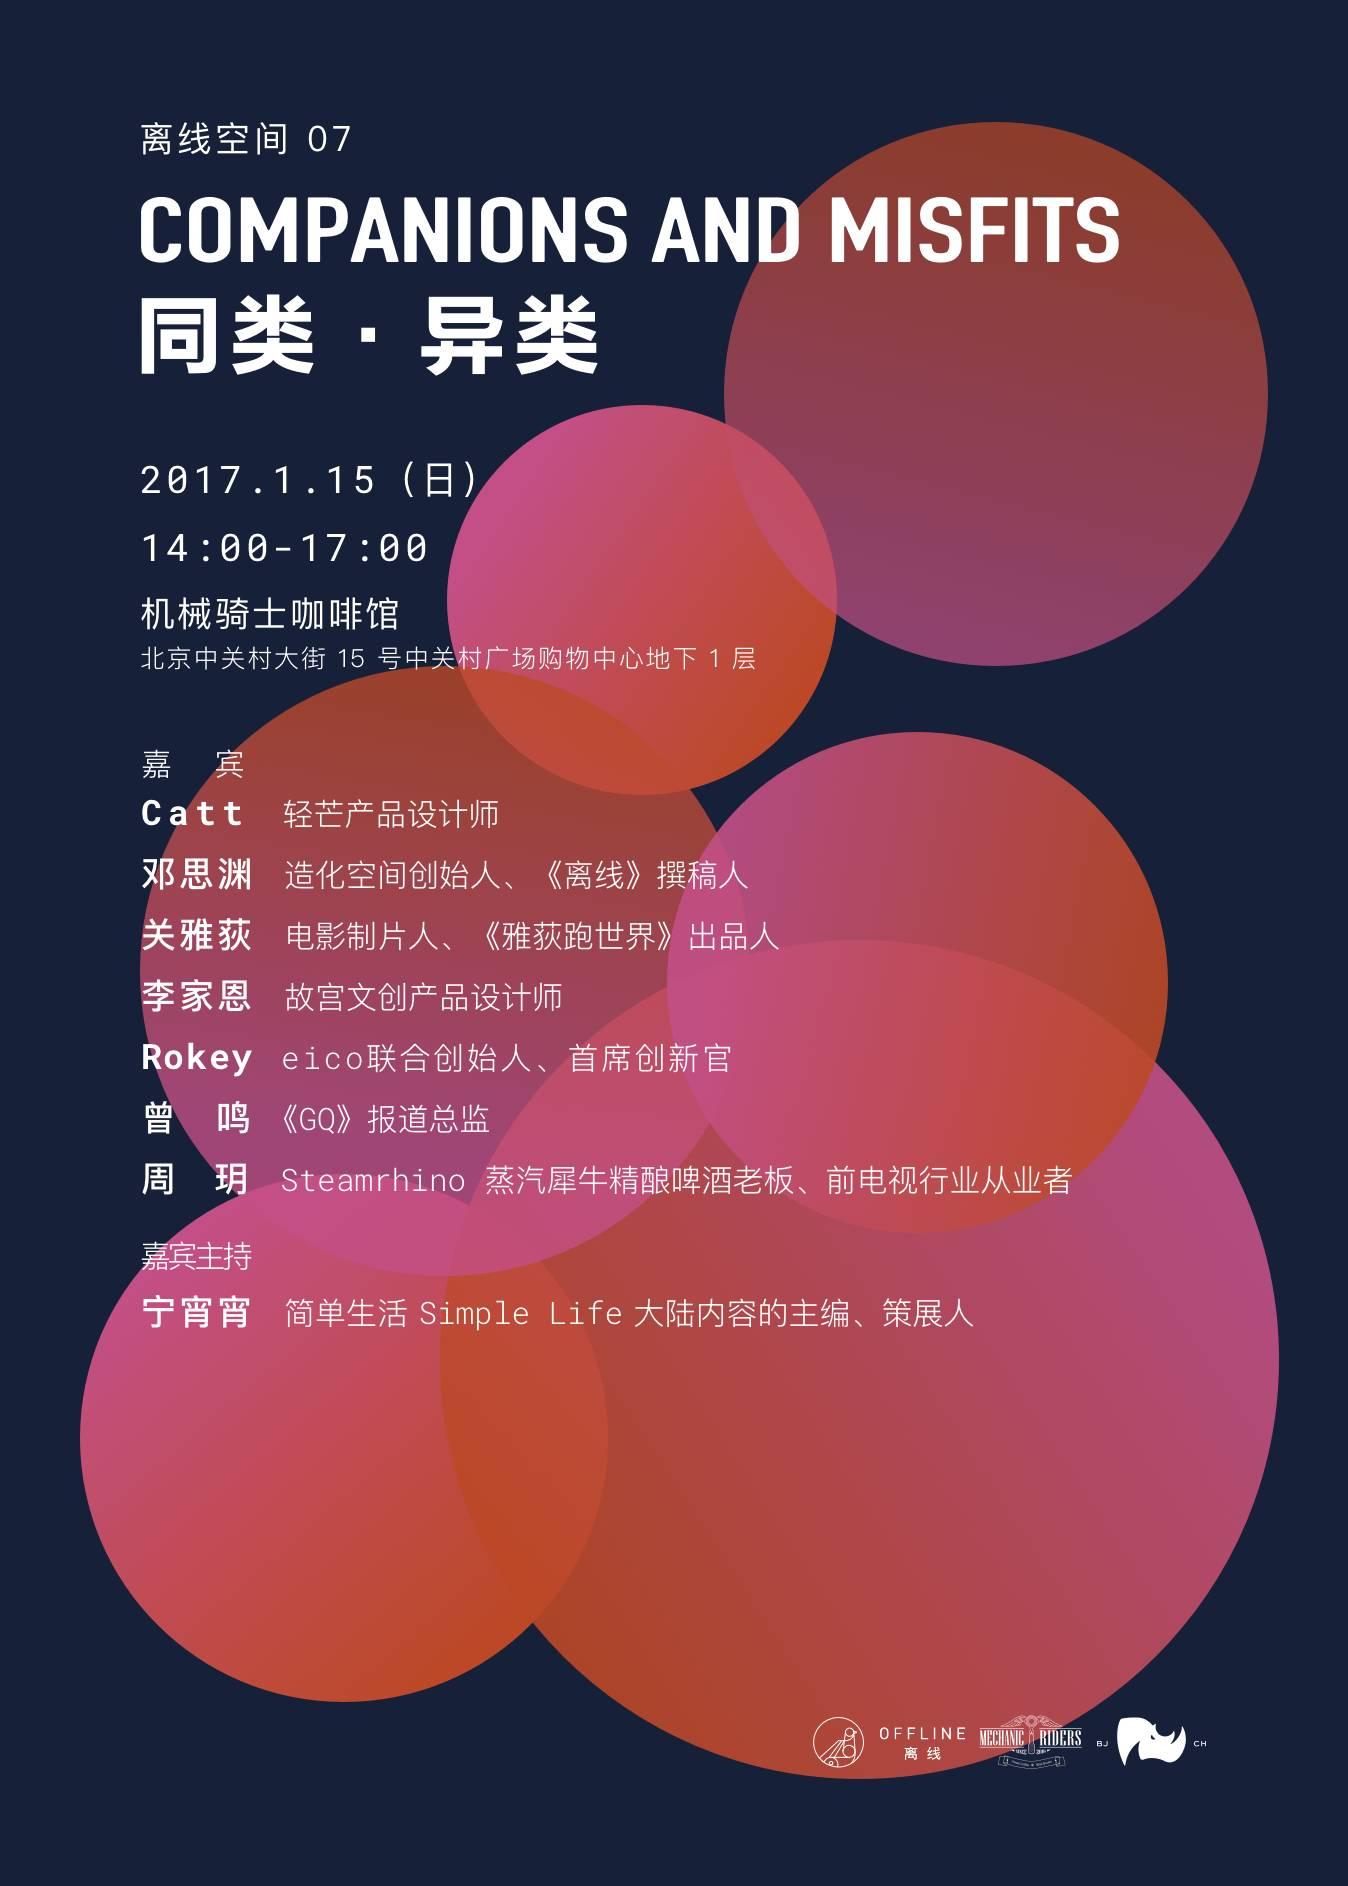 【最后一天】新年活动 68 折团购优惠